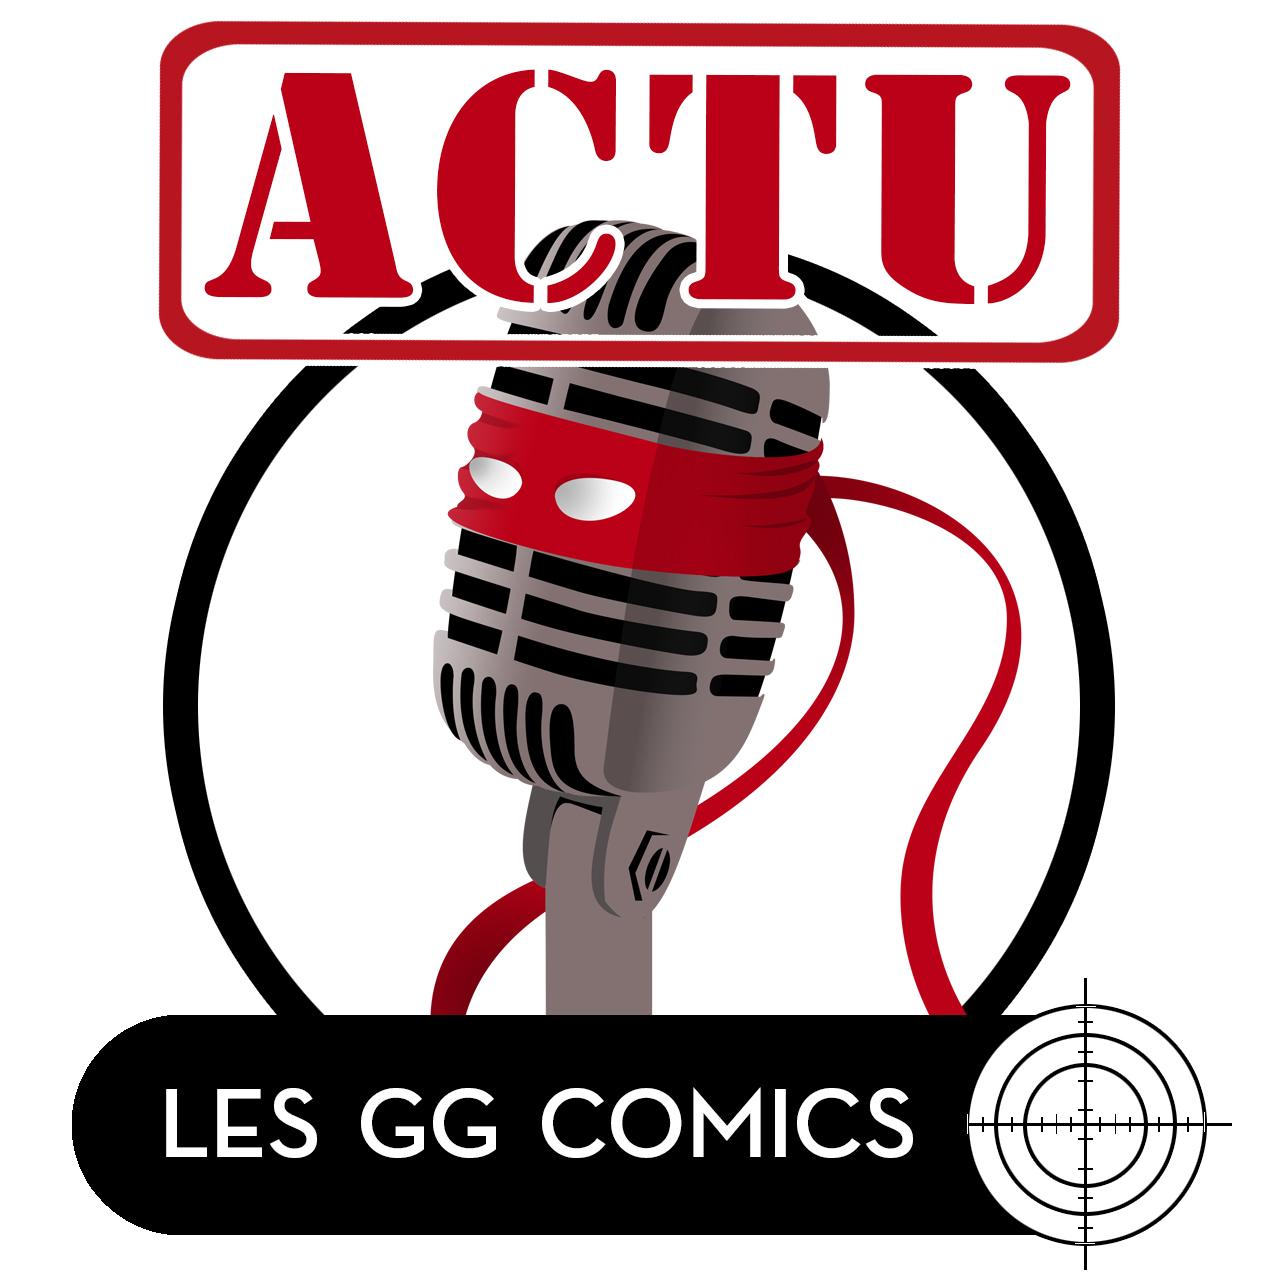 Les GG comics Actu #4 : Douce Suisse...